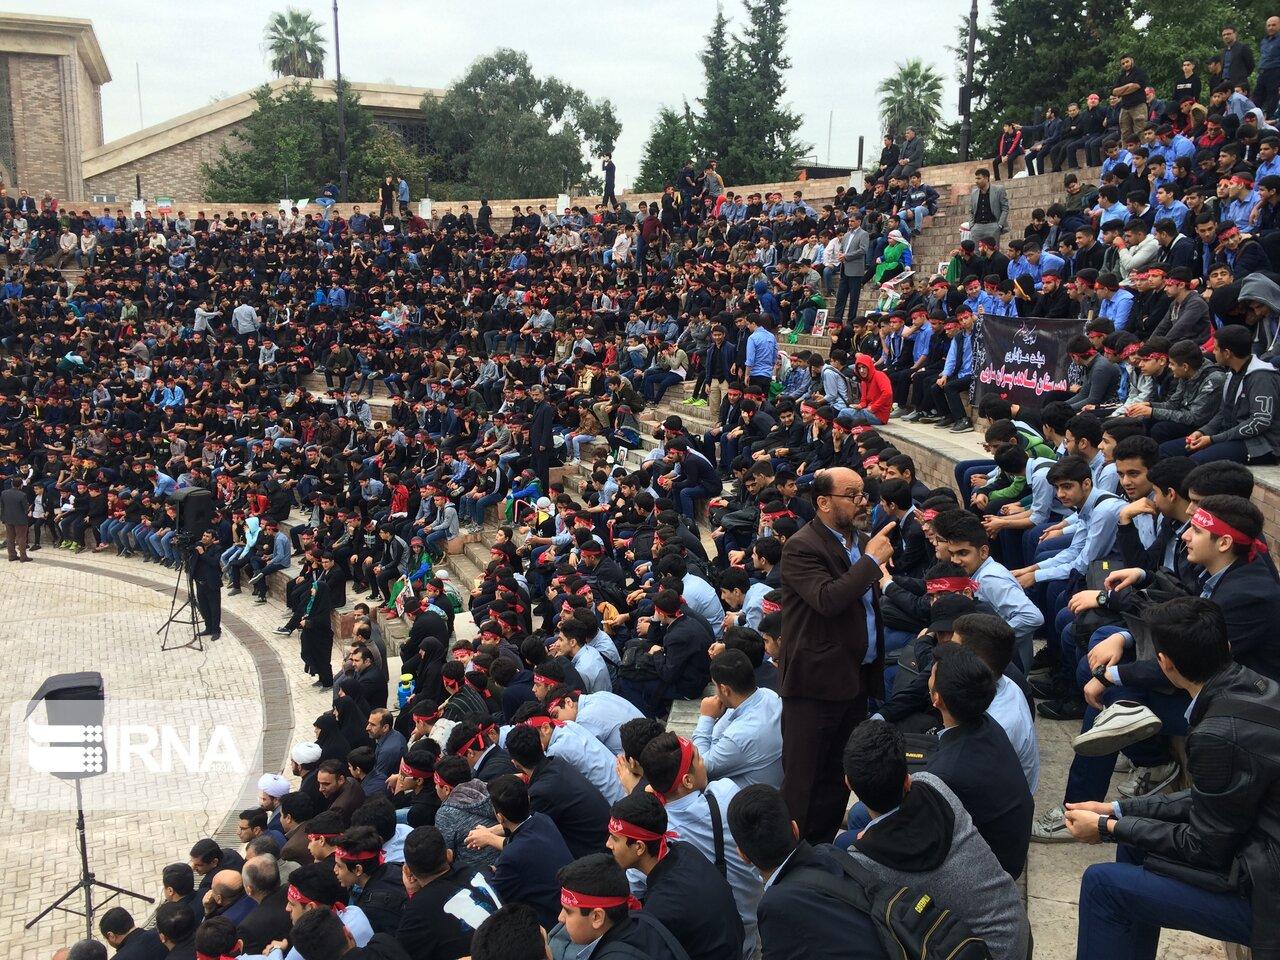 دانشآموزان-مازندران-برای-رحلت-پیامبرص-در-سوگ-نشستند.jpg